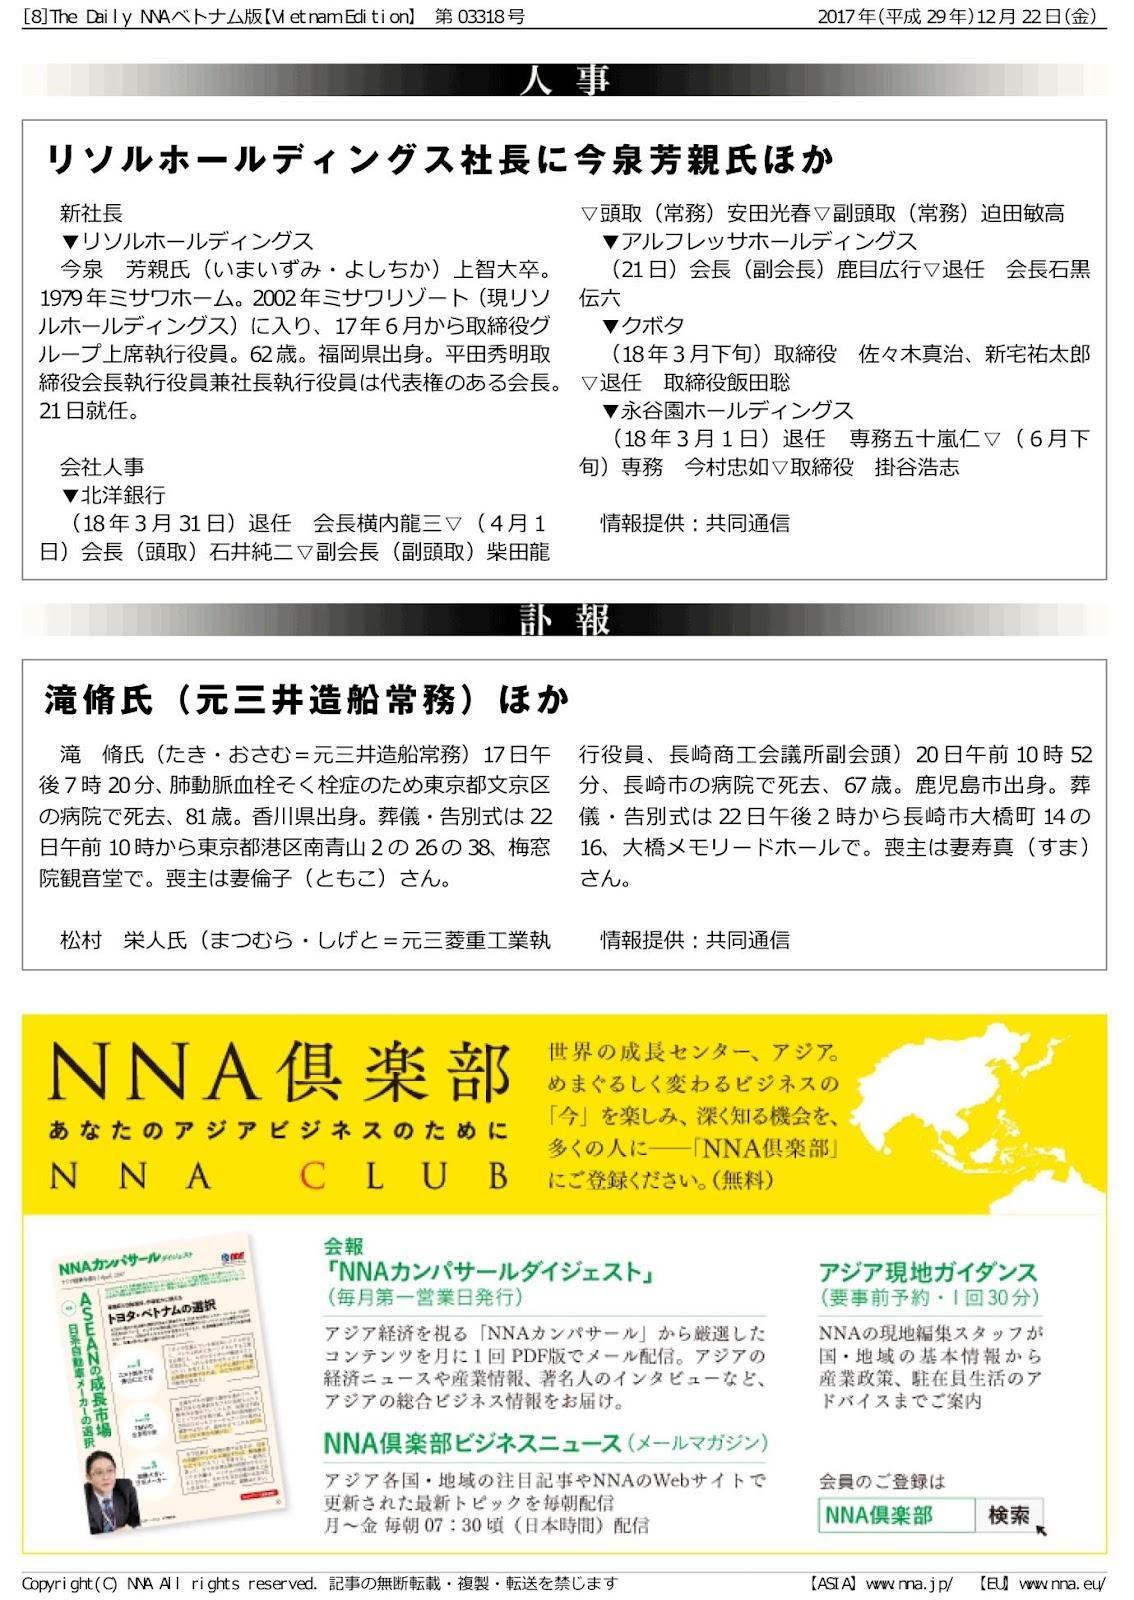 NNA_IC_171222-8.jpg